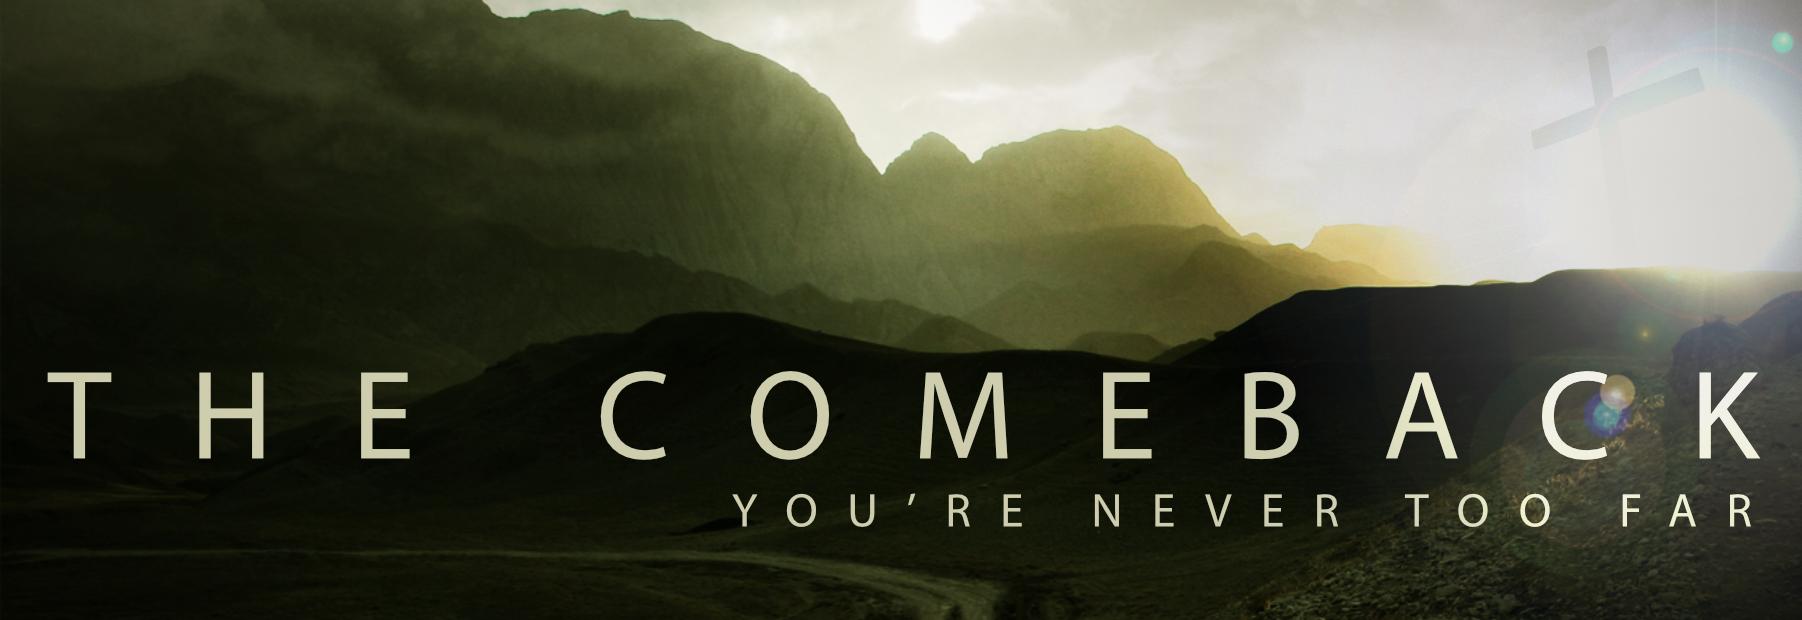 The Comeback webbanner.jpg